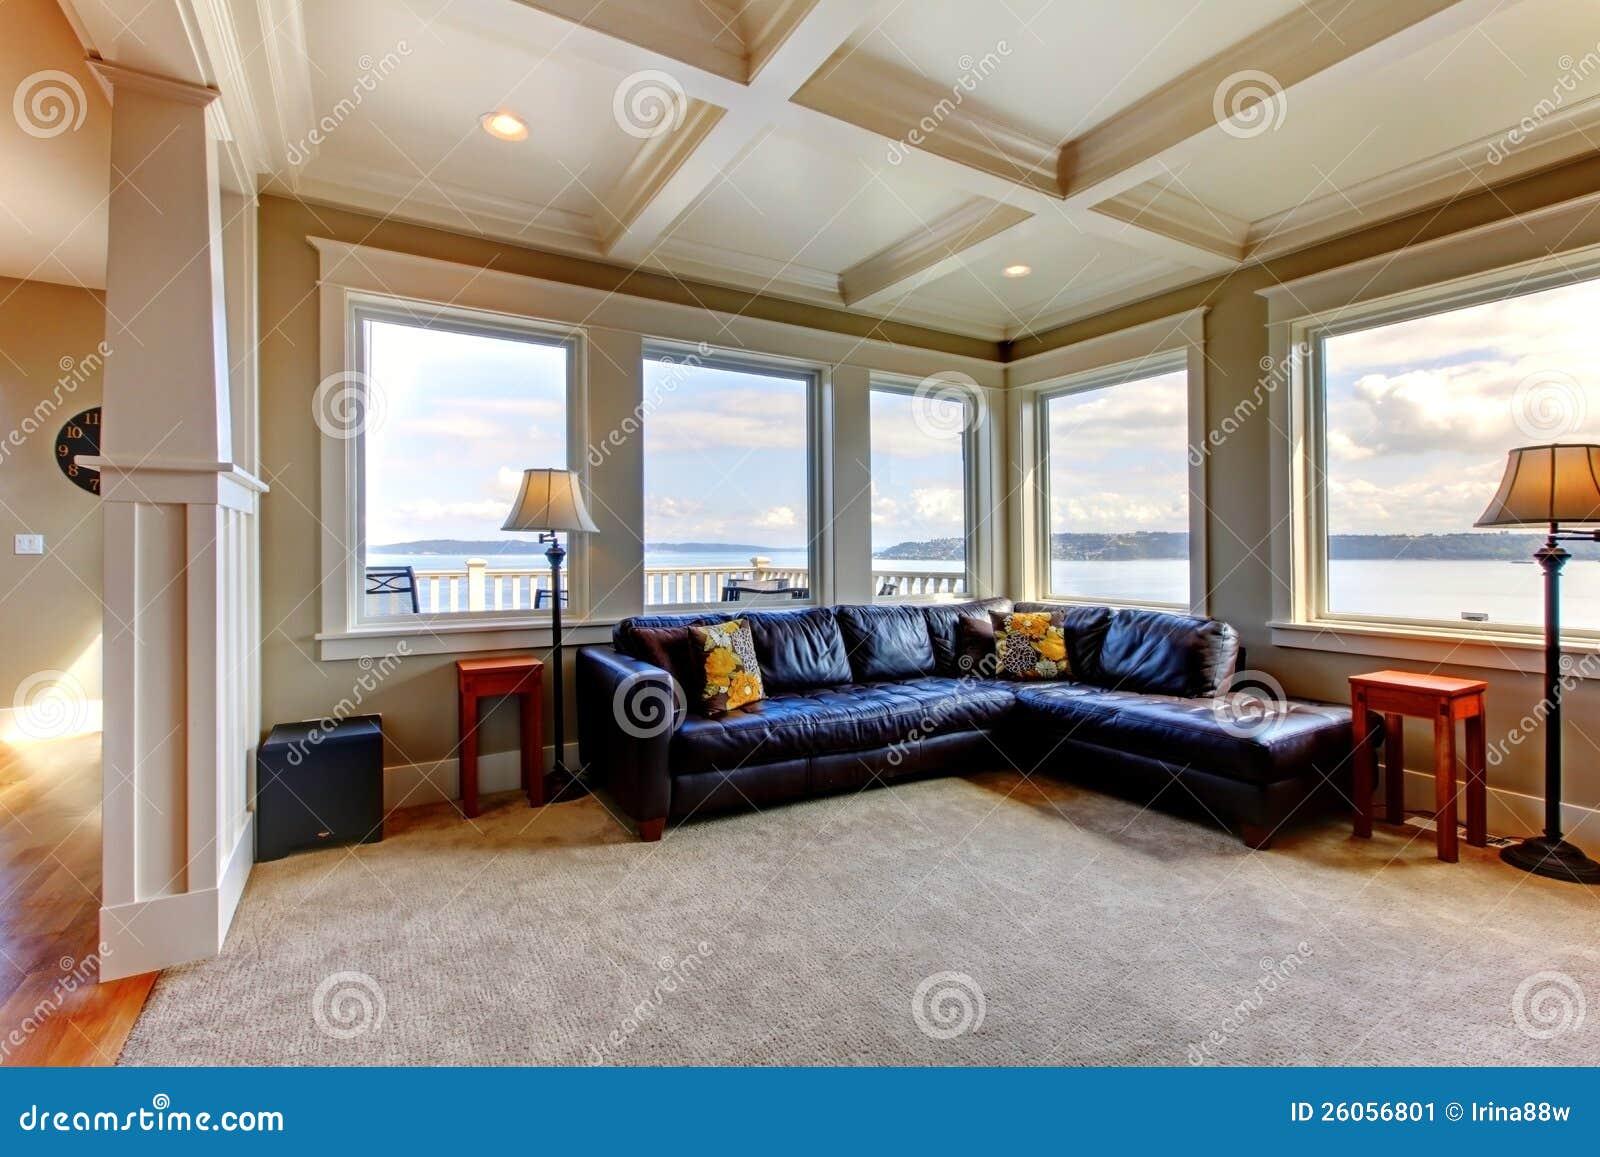 Wohnzimmer Wih Viele Großen Fenster Und Blaues Sofa Stockbild